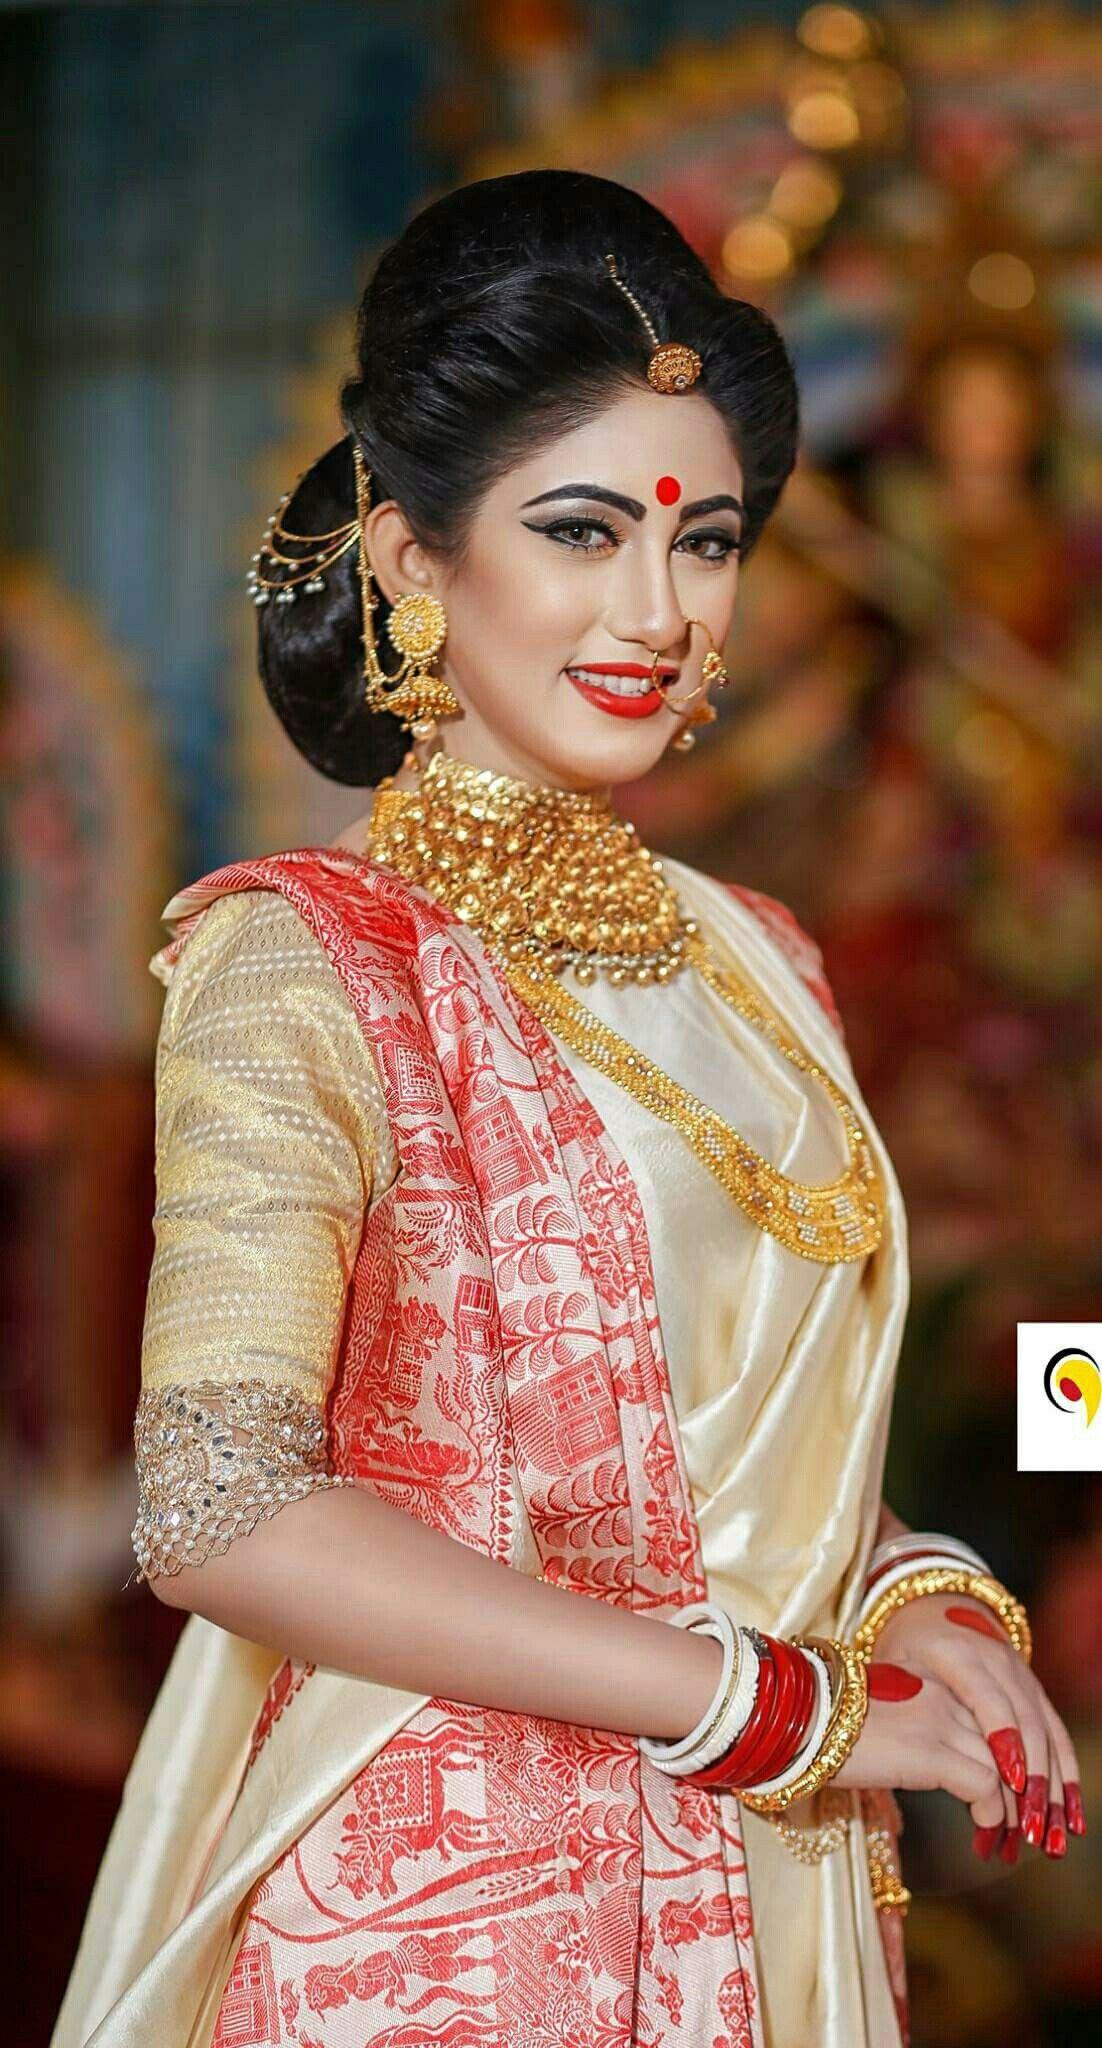 pinterest @yashu kumar /bride beauty | bride beauty in 2019